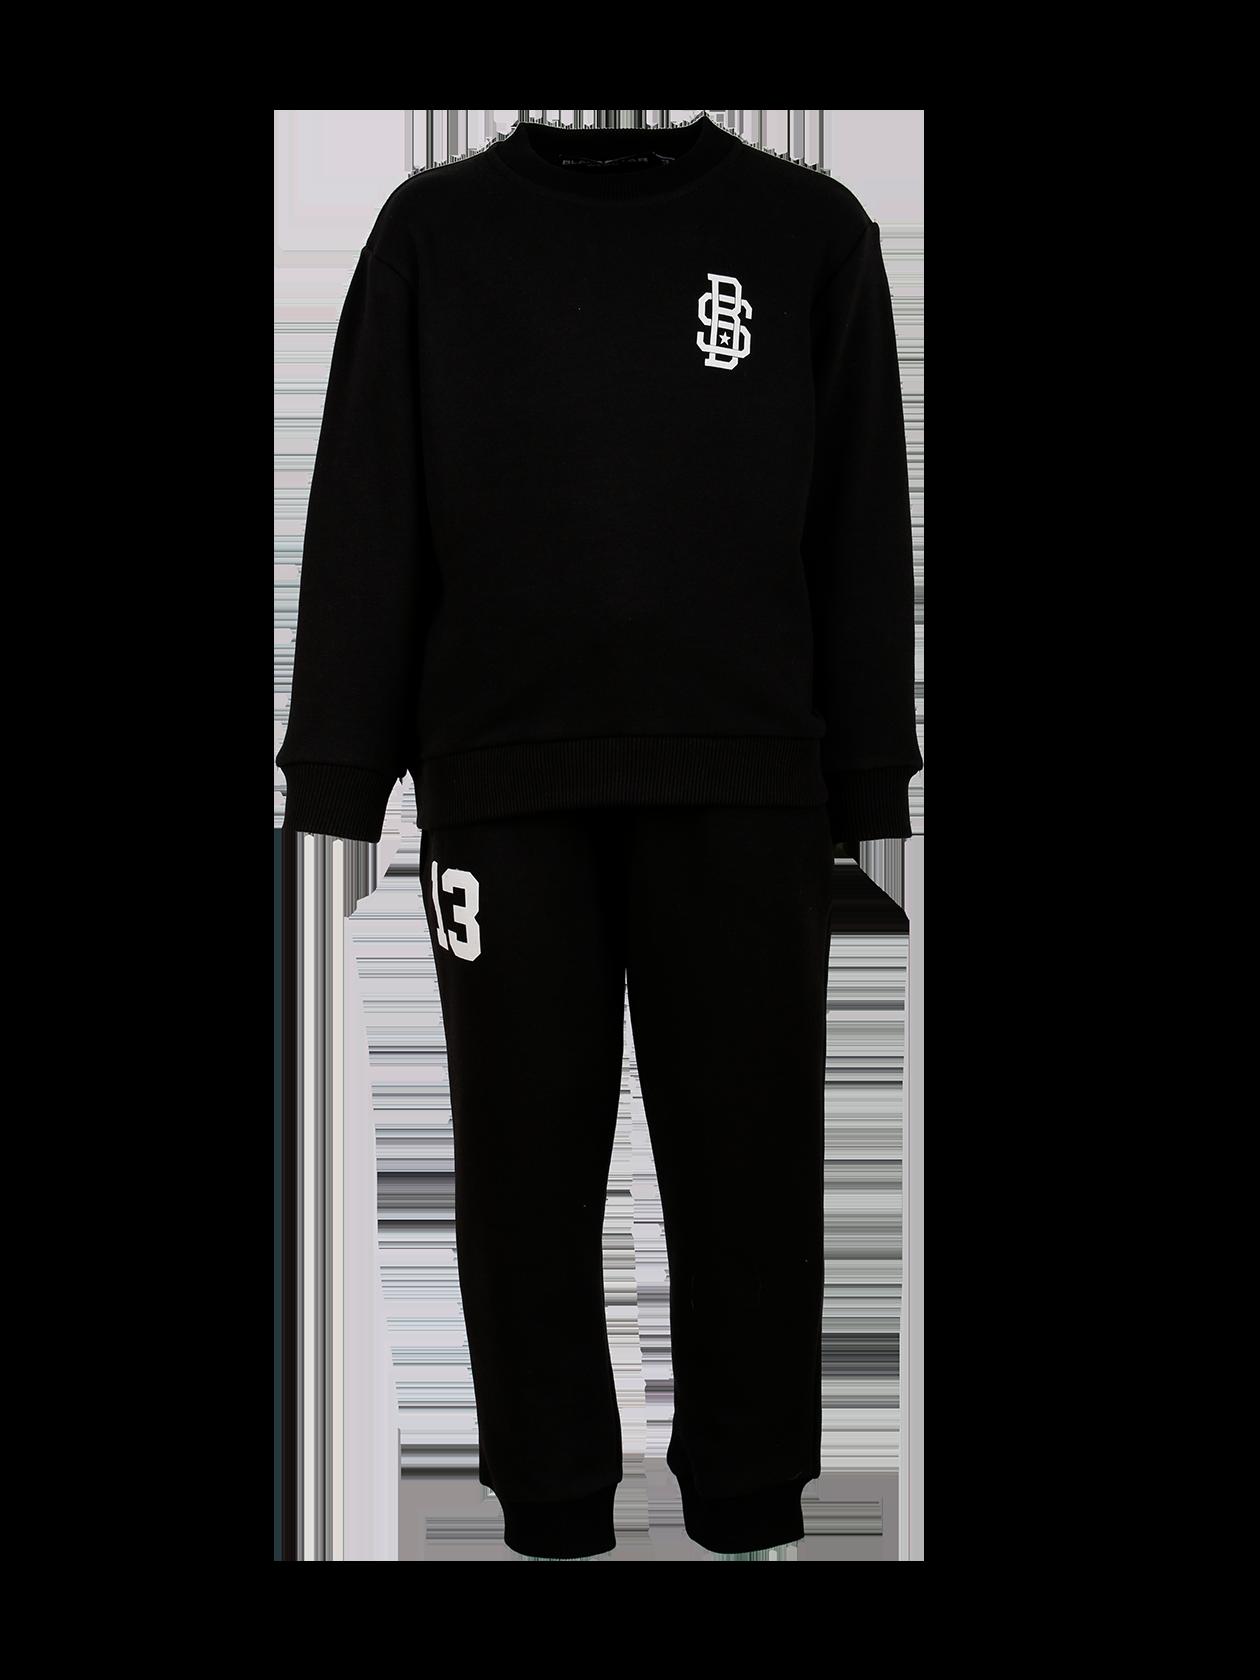 Костюм спортивный детский 13Костюм спортивный детский 13 из линии одежды Basic – оптимальный вариант для создания базового стиля на каждый день. Верх представлен свитшотом прямого кроя с длиной до бедер. Манжеты, горловина и низ состоят из фиксирующей трикотажной резинки. Брюки свободного силуэта с зауживанием к низу, дополнены эластичным поясом, боковыми внутренними карманами. На щиколотках широкая резинка. Модель сшита из натурального футера отличного качества. На груди и правой штанине фирменная символика бренда Black Star. На вороте внутри жаккардовый лейбл. Демократичная цена изделия вас приятно порадует.<br><br>Размер: 5-6 years<br>Цвет: Черный<br>Пол: Унисекс